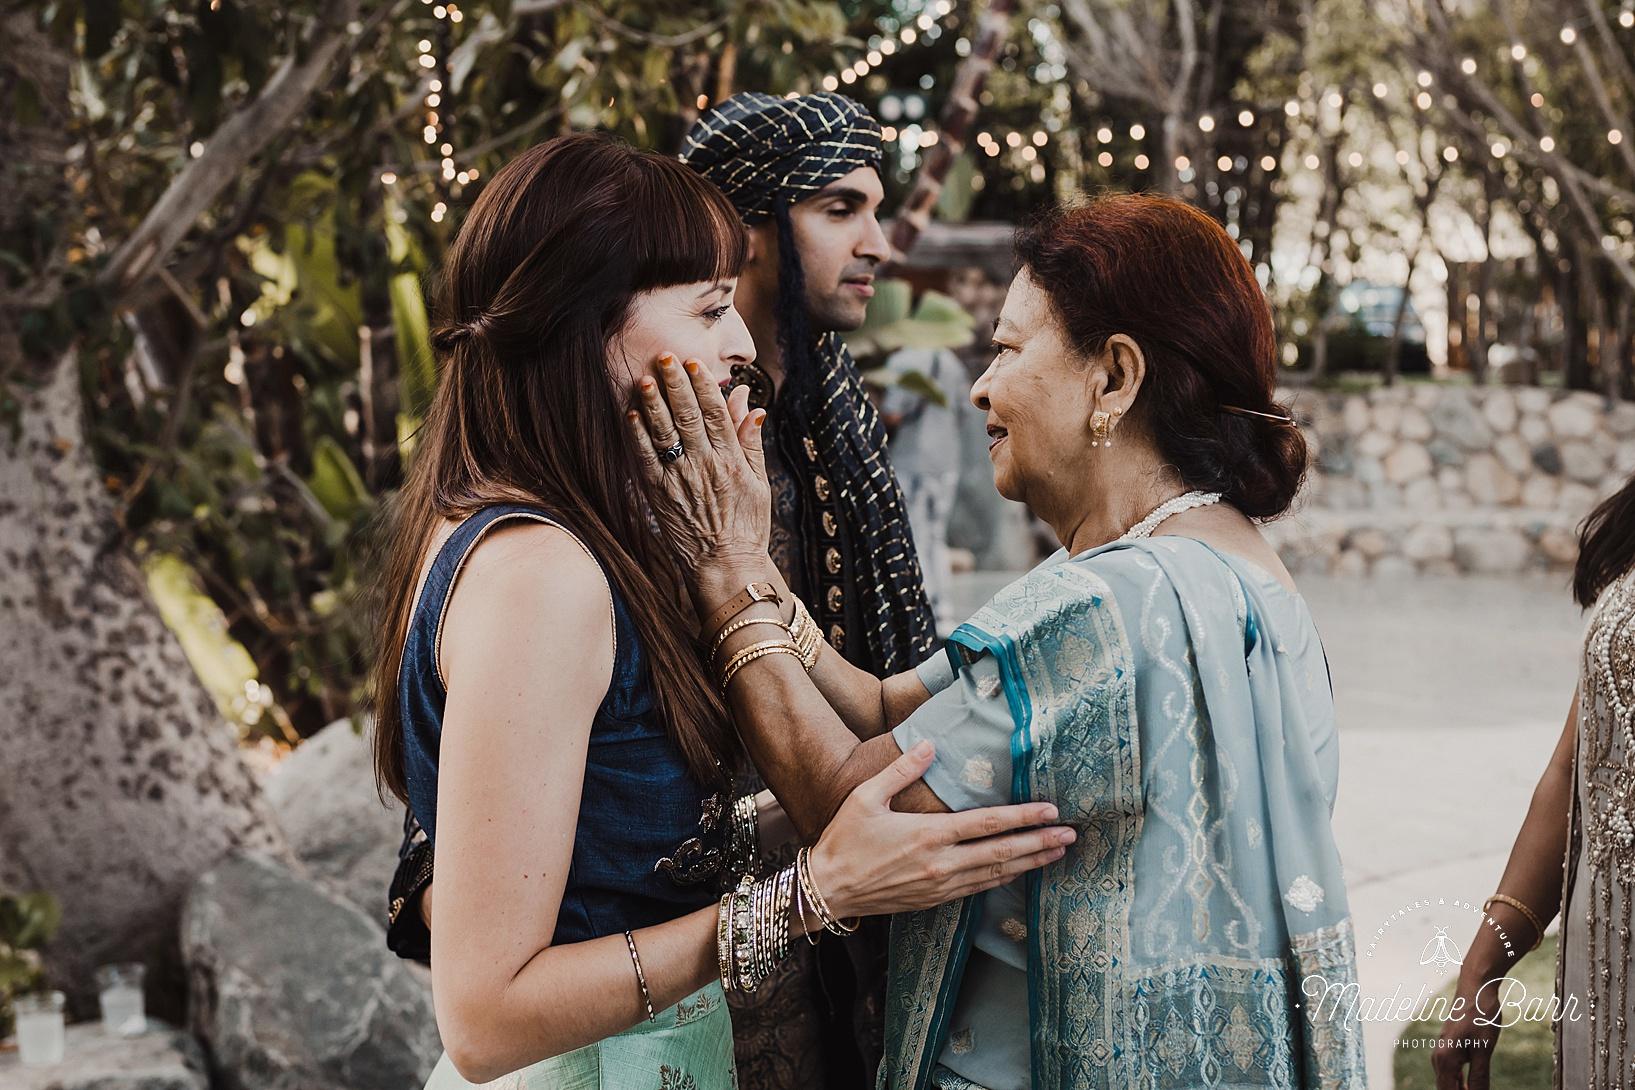 SanDiego_Multicultural_Elopement_Wedding0022.jpg